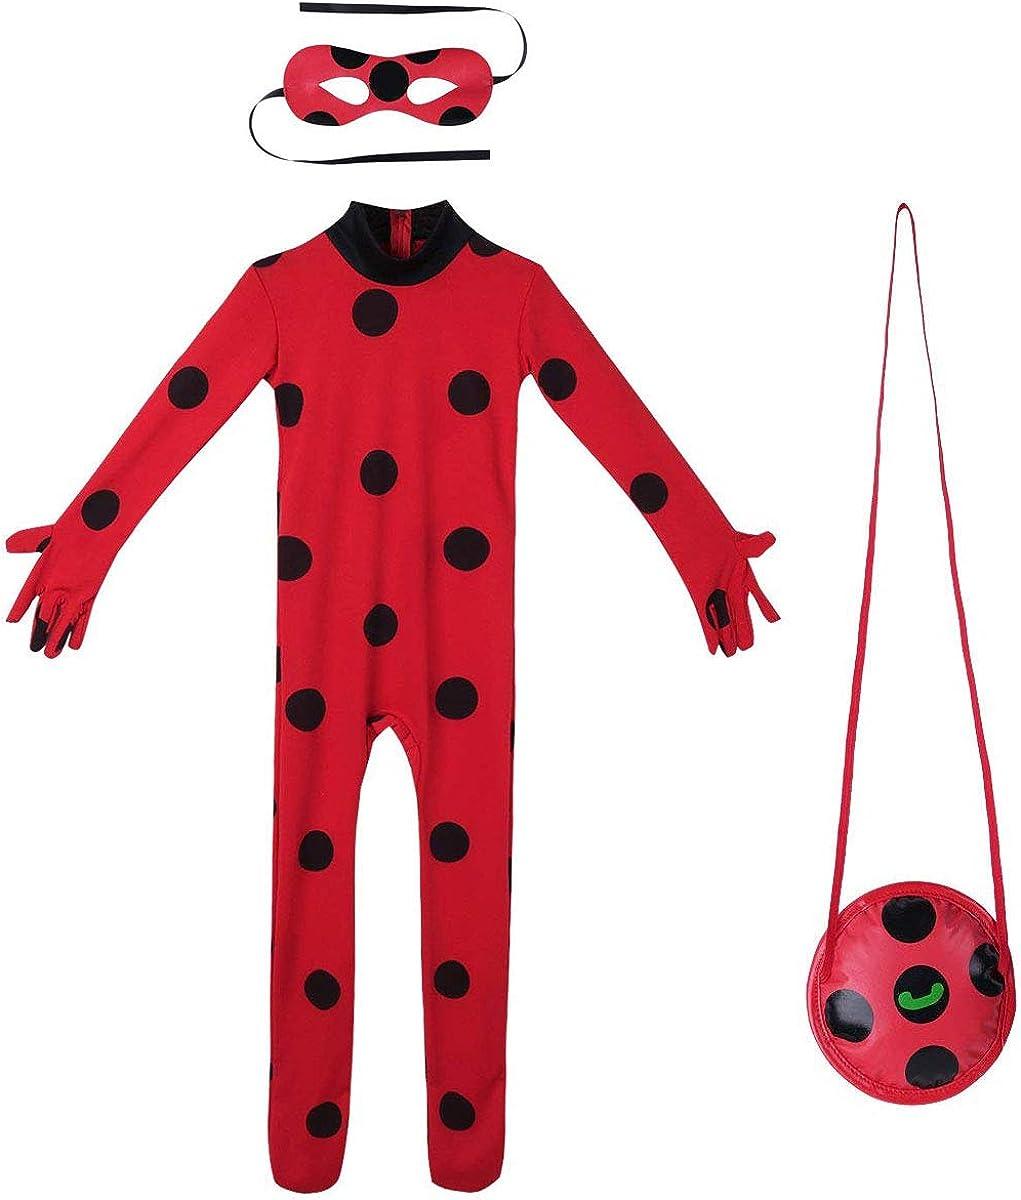 URAQT Niño Ladybug, Disfraz de Cat Noir, Mono de Superhéroe de Cosplay para Niños, Vestido Elegante para Niños y Niñas para Fiesta/Carnaval/Halloween